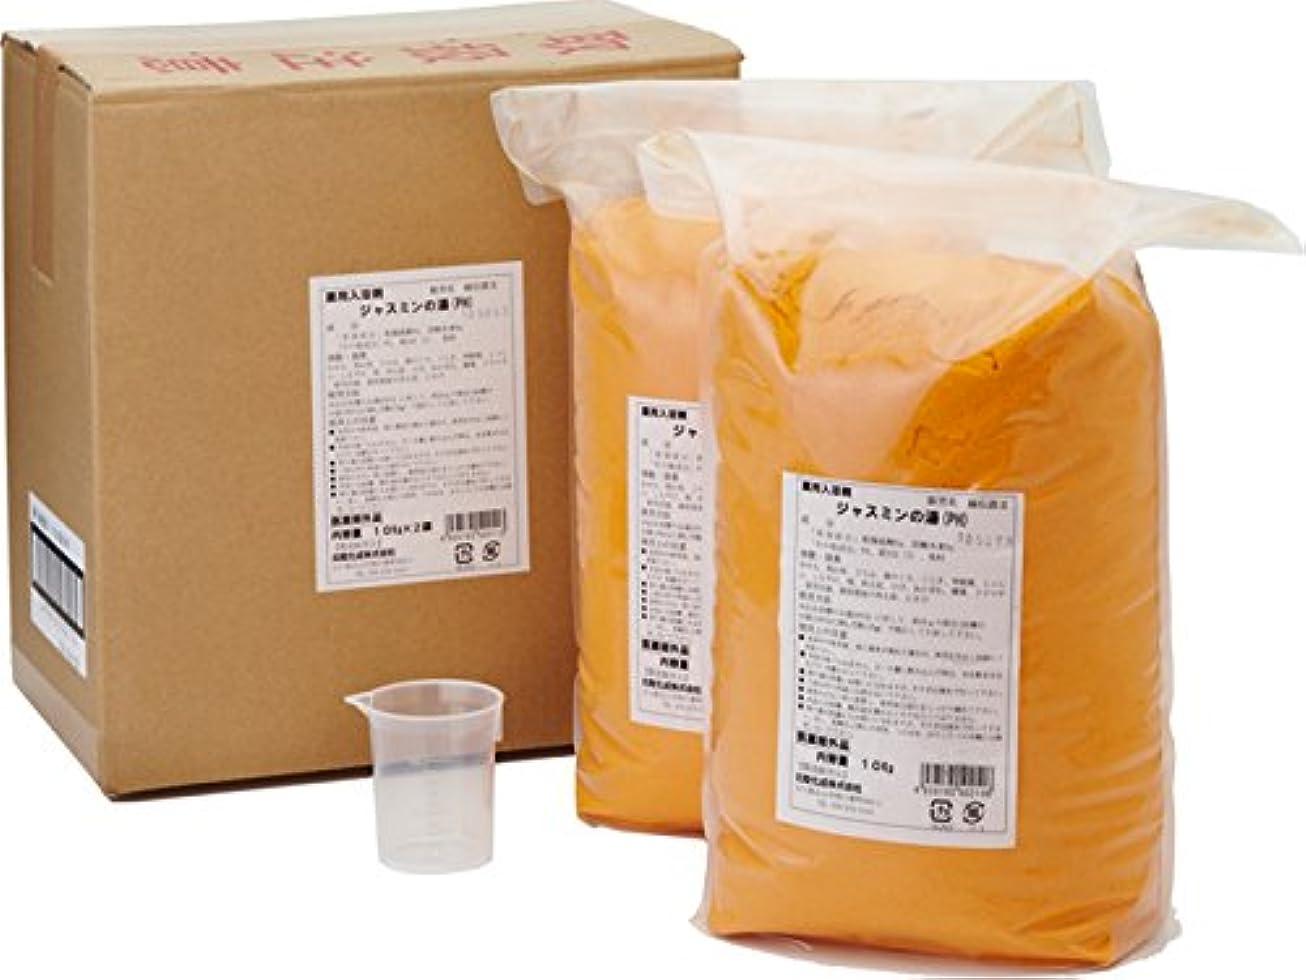 ワーディアンケース破滅的なファセット入浴剤 ジャスミンの湯 / 20kg(10kg×2) ケース